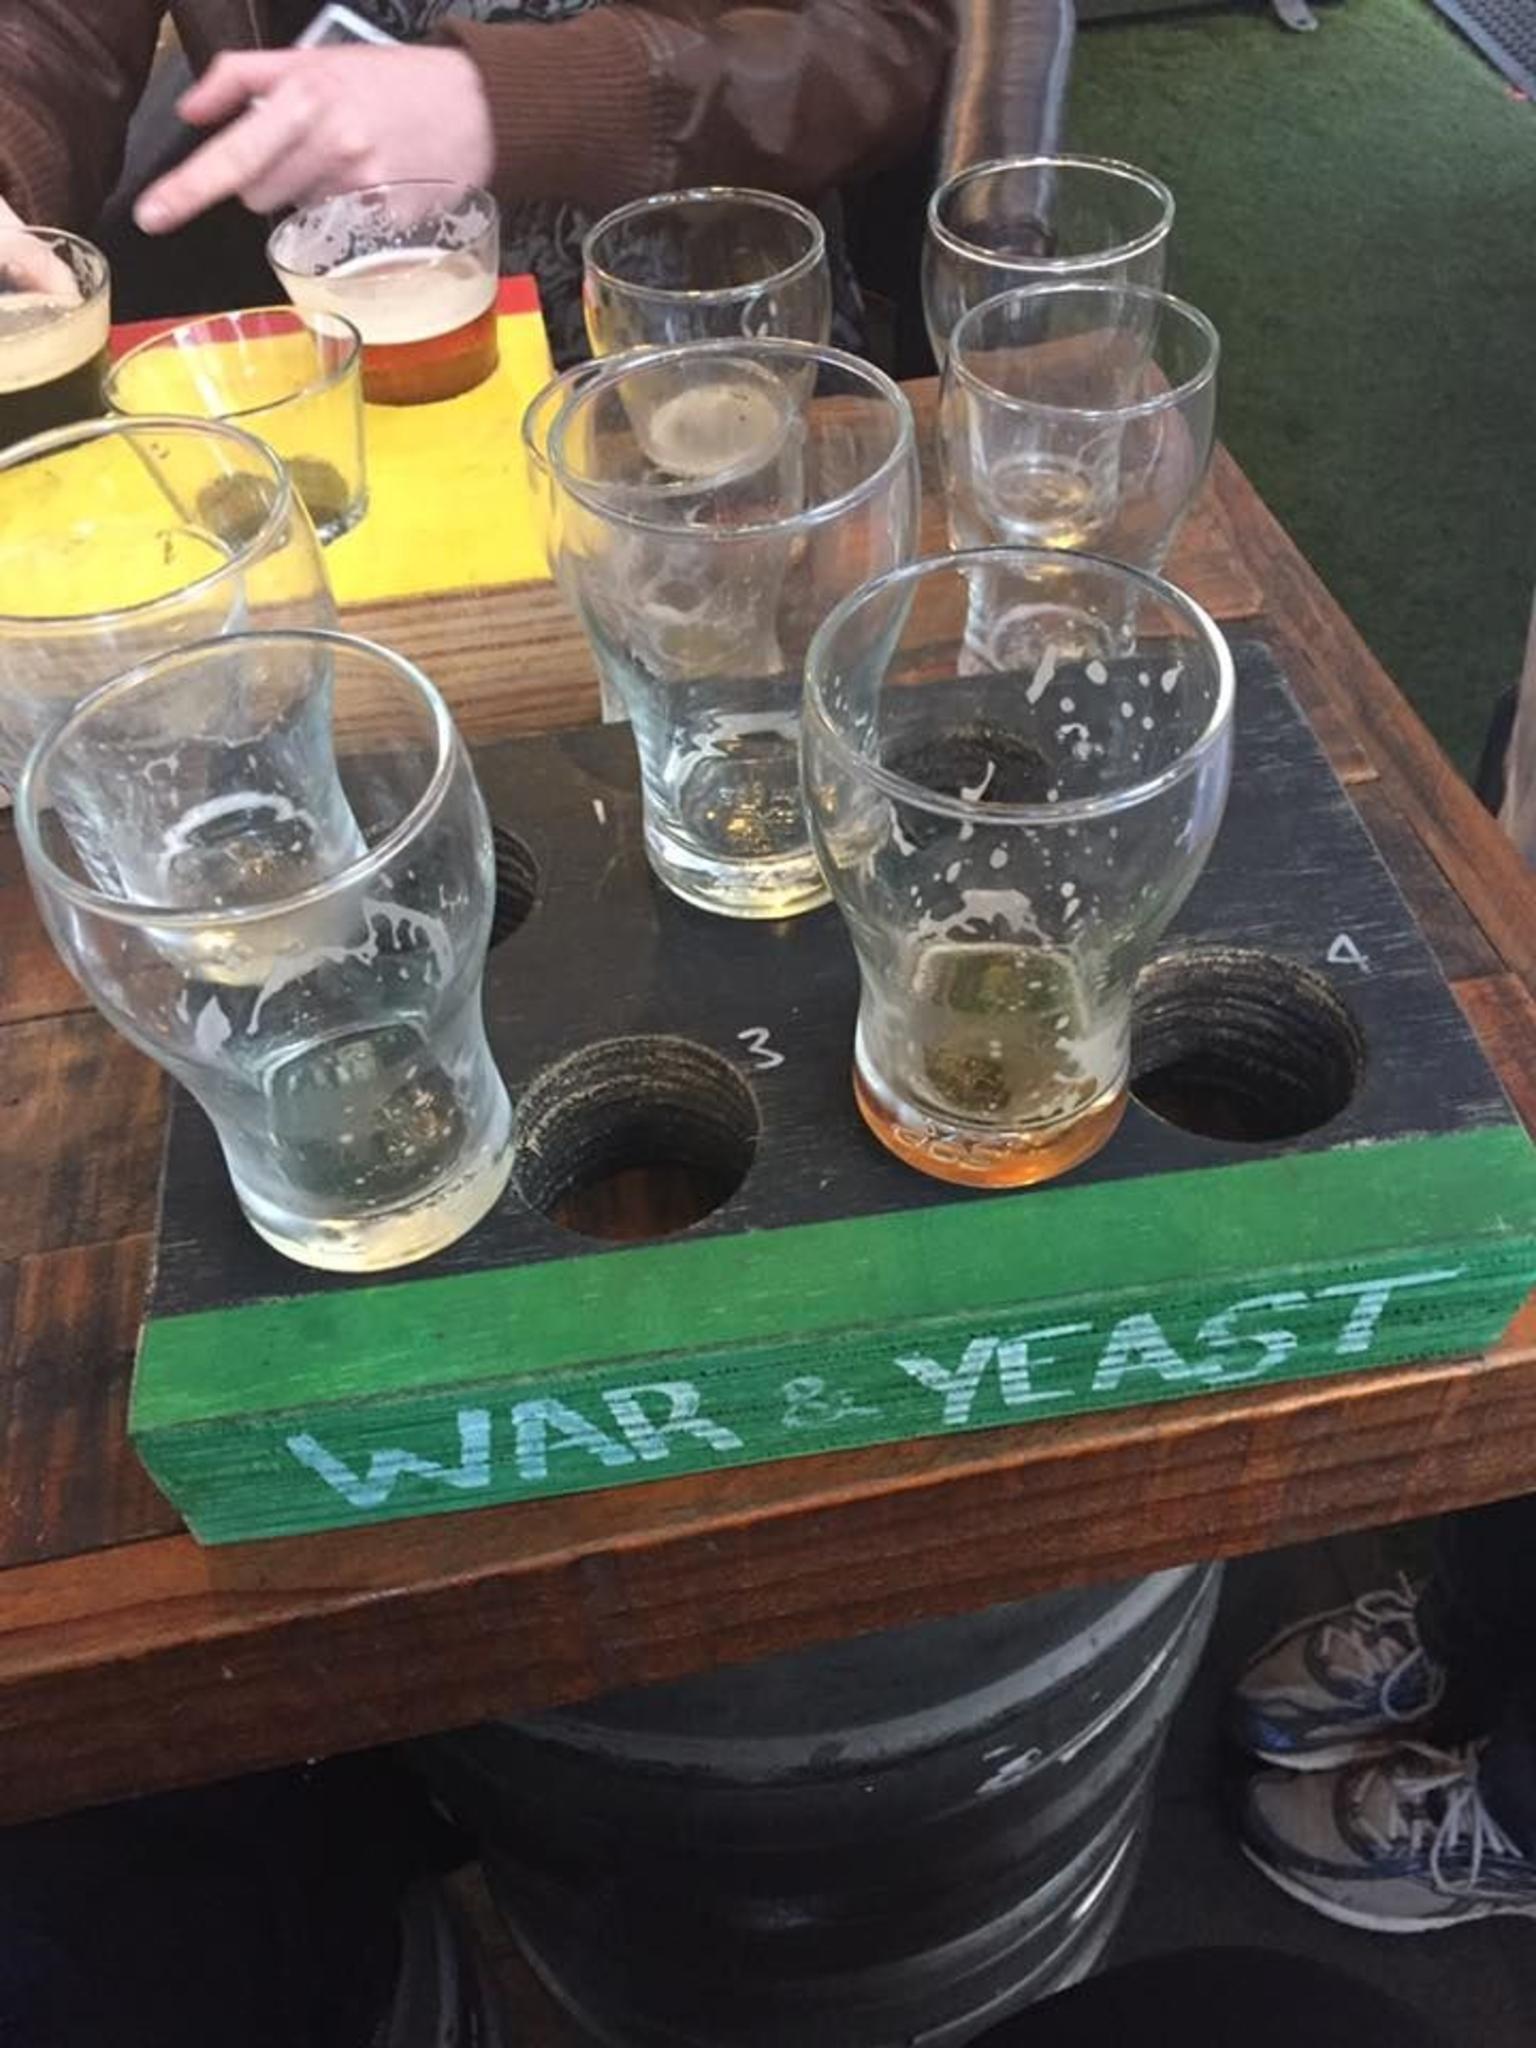 MÁS FOTOS, Recorrido a pie por la cerveza artesana de Auckland